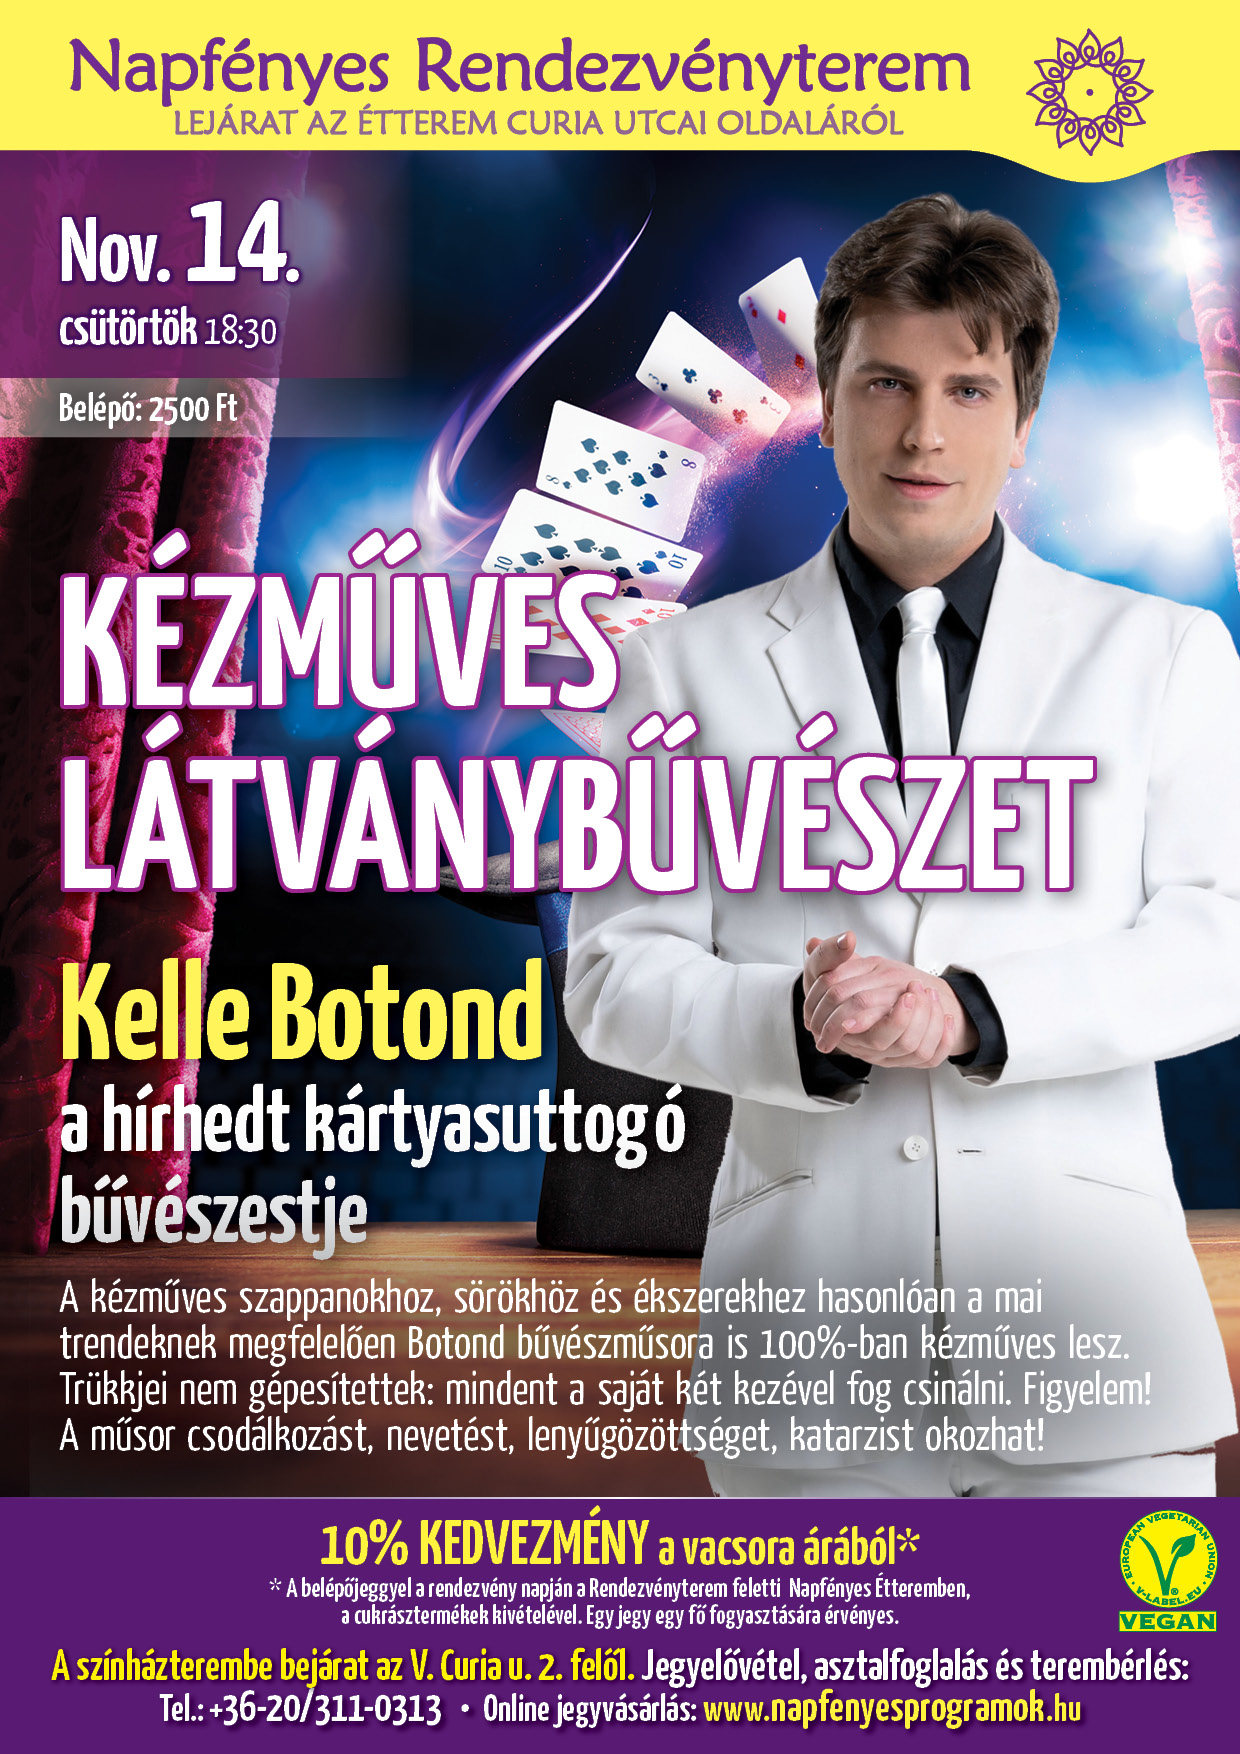 buvesz_kelle_botond_a4.jpg